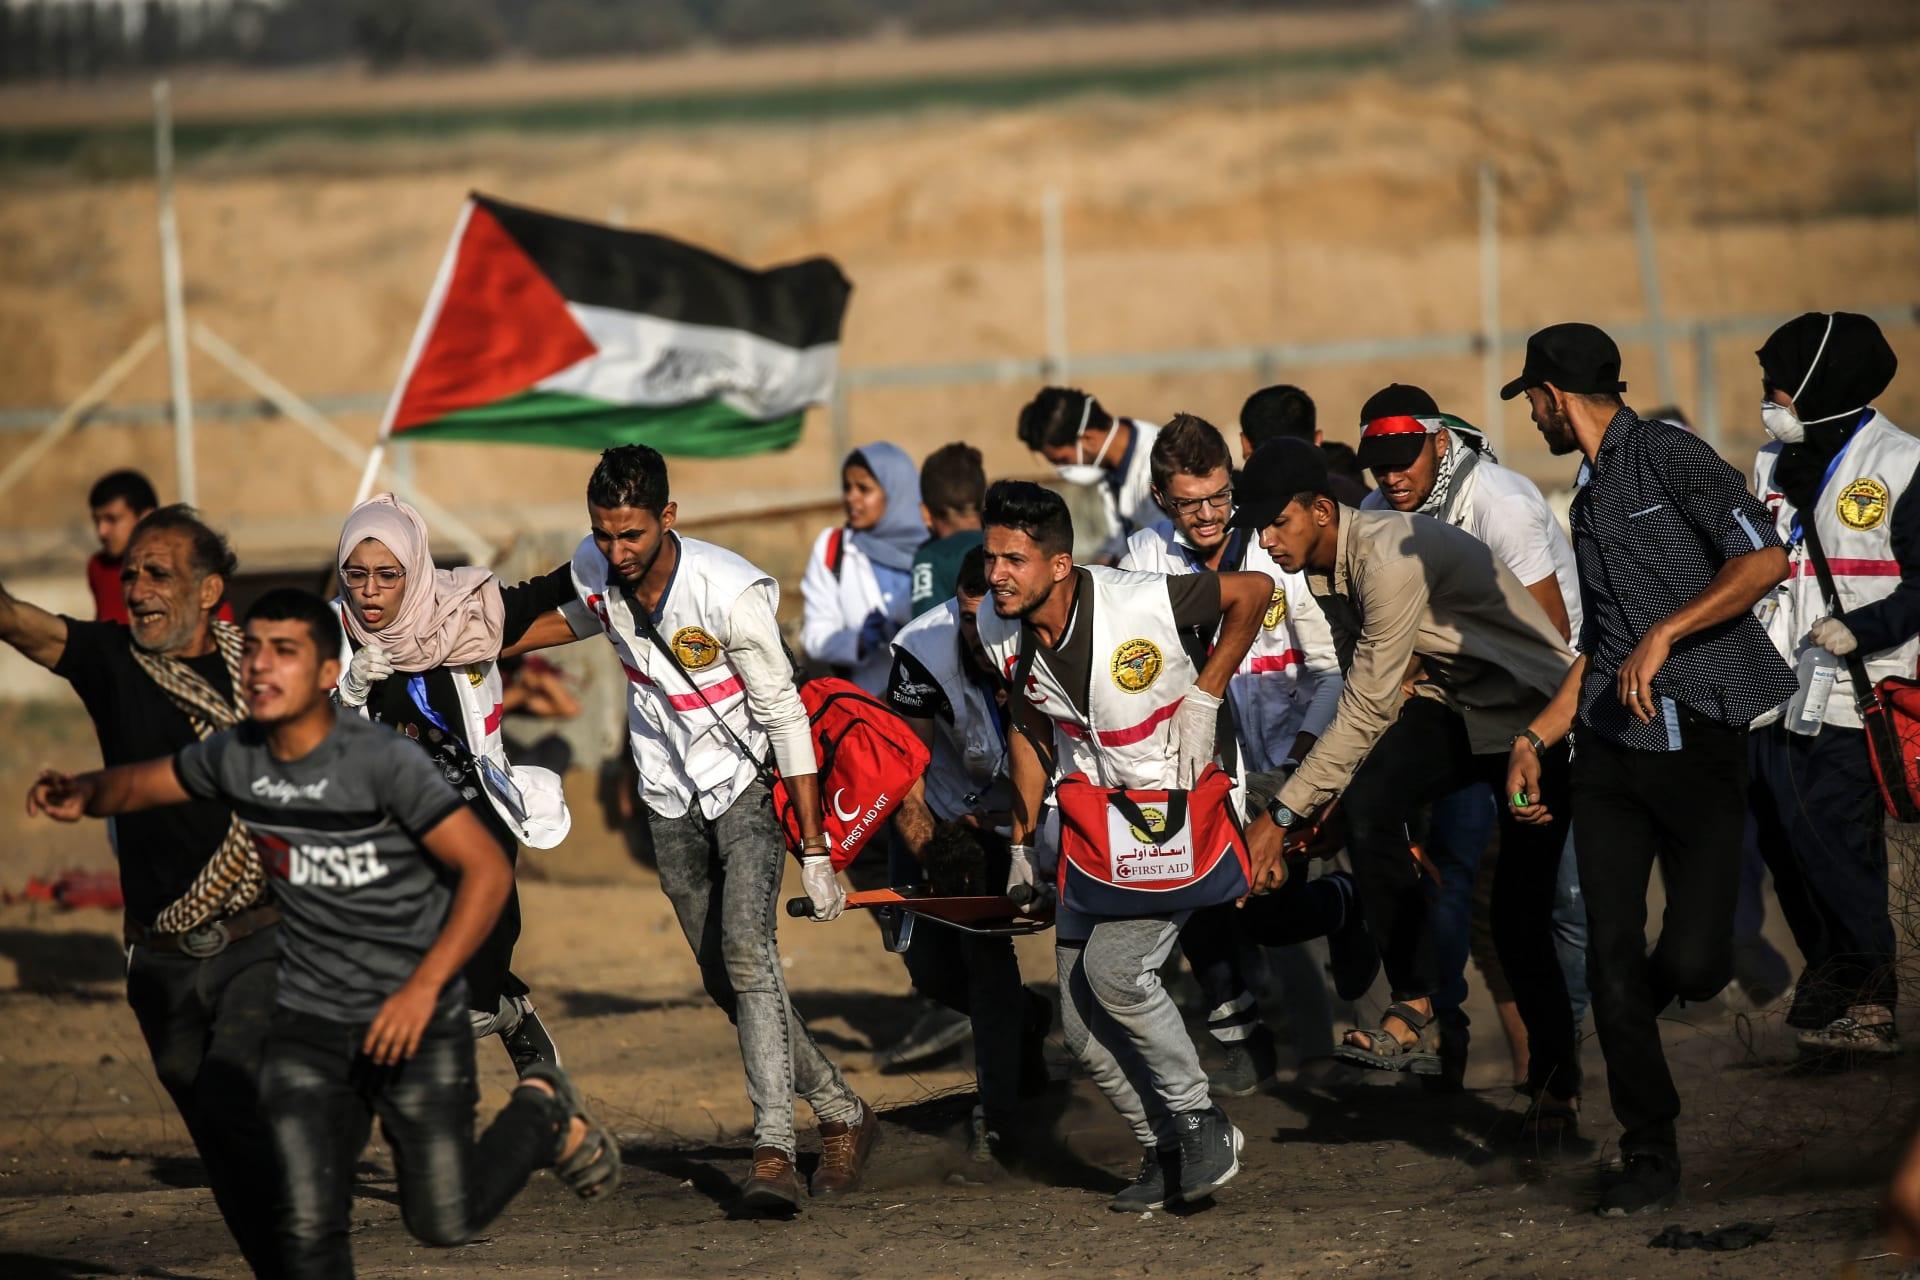 مقتل فلسطيني وإصابة 37 في مواجهات مع الجيش الإسرائيلي في غزة